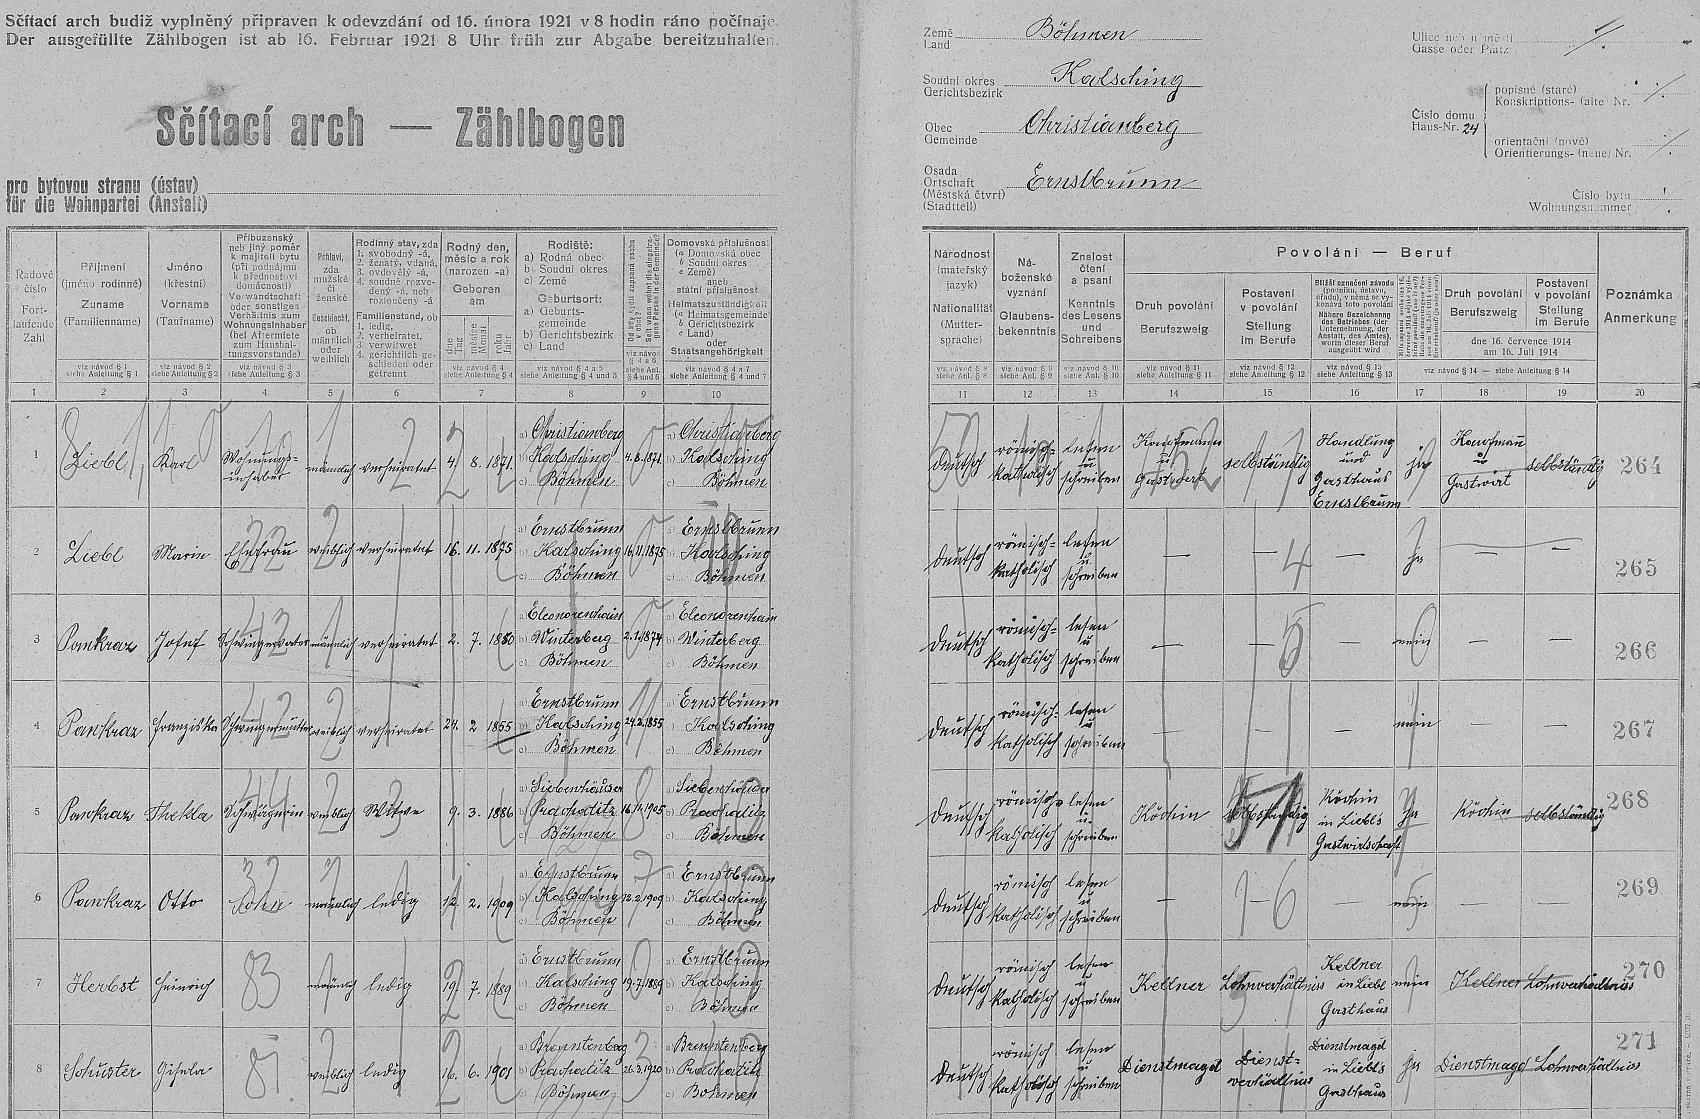 """Arch sčítání lidu z roku 1921 dům čp. 24 v Arnoštově, tedy místní hostinec, i s ním, označeným zde jako """"Kellner"""", tj. číšník..."""